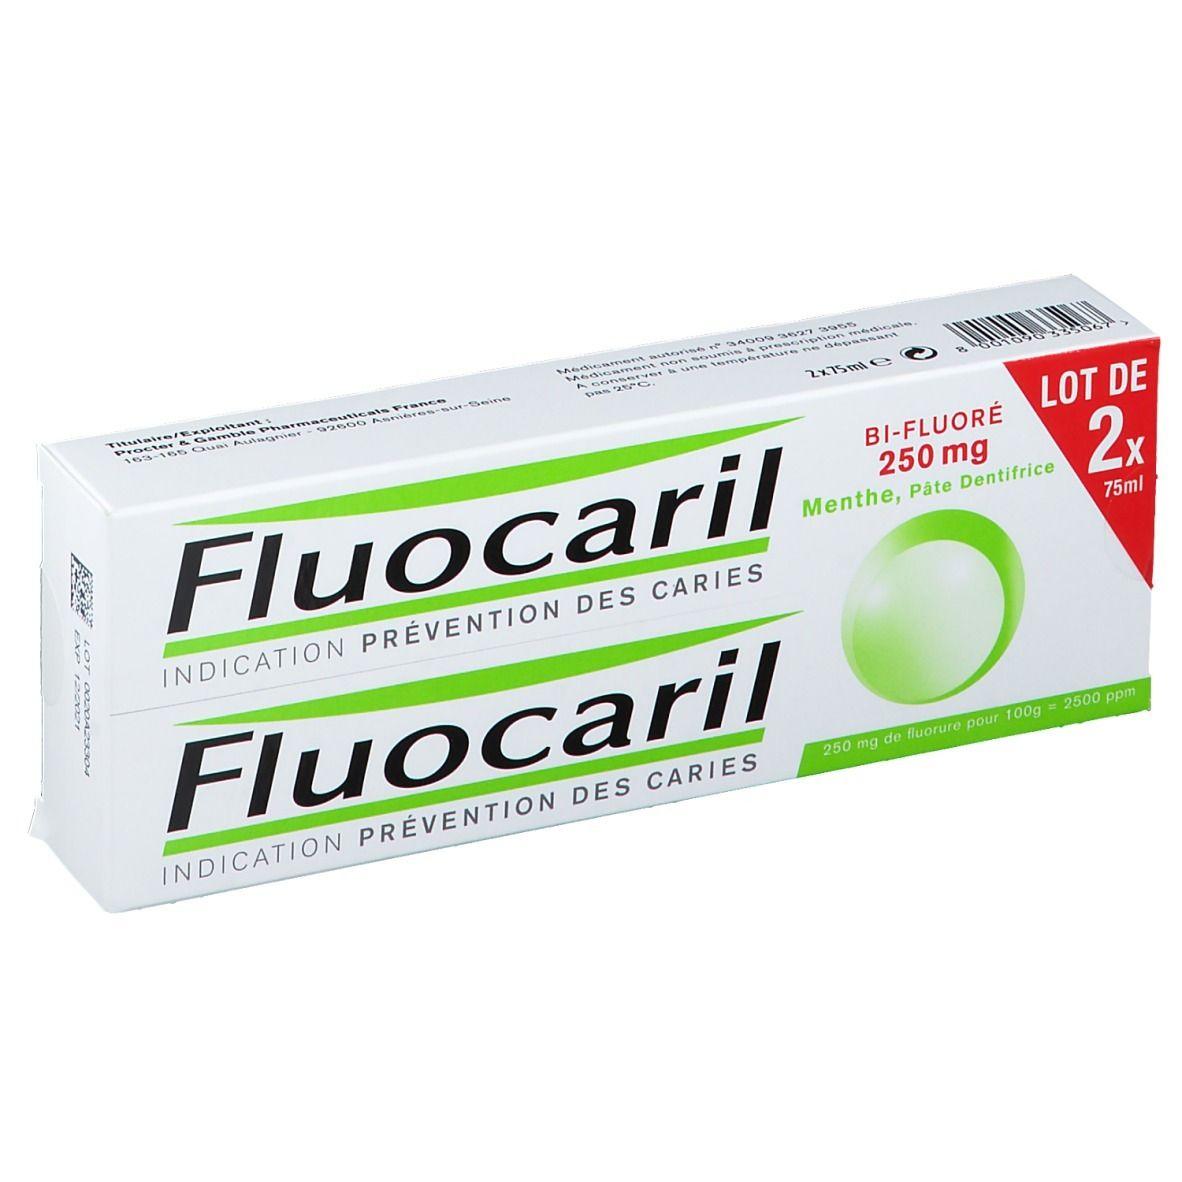 Fluocaril® Fluocaril Bi-Fluoré 250 mg Pâte Dentifrice Menthe ml dentifrice(s)